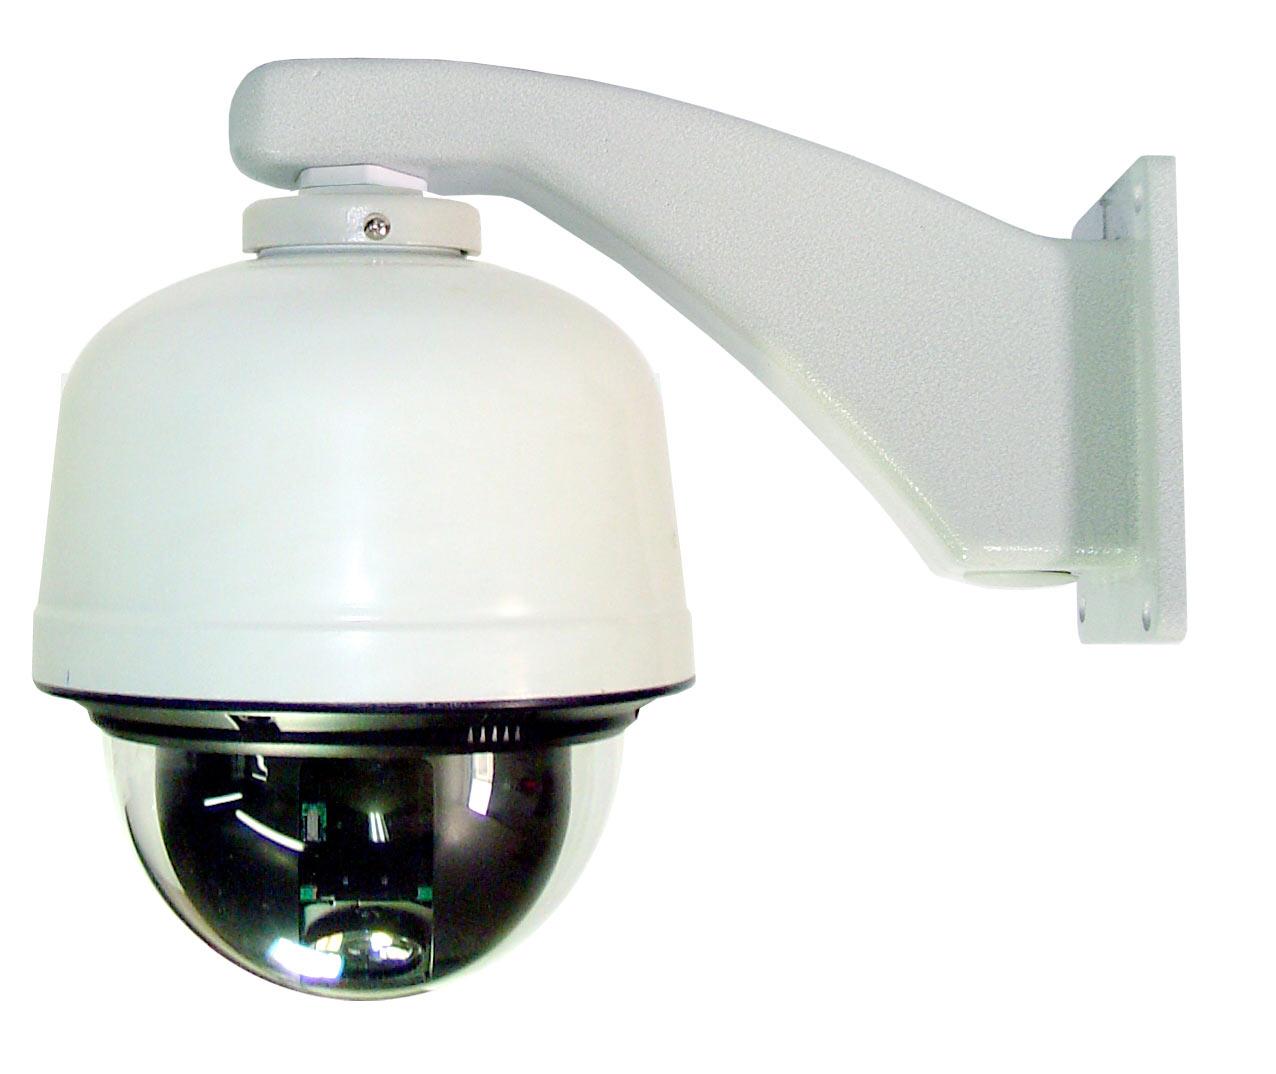 Installare un sistema di videosorveglianza